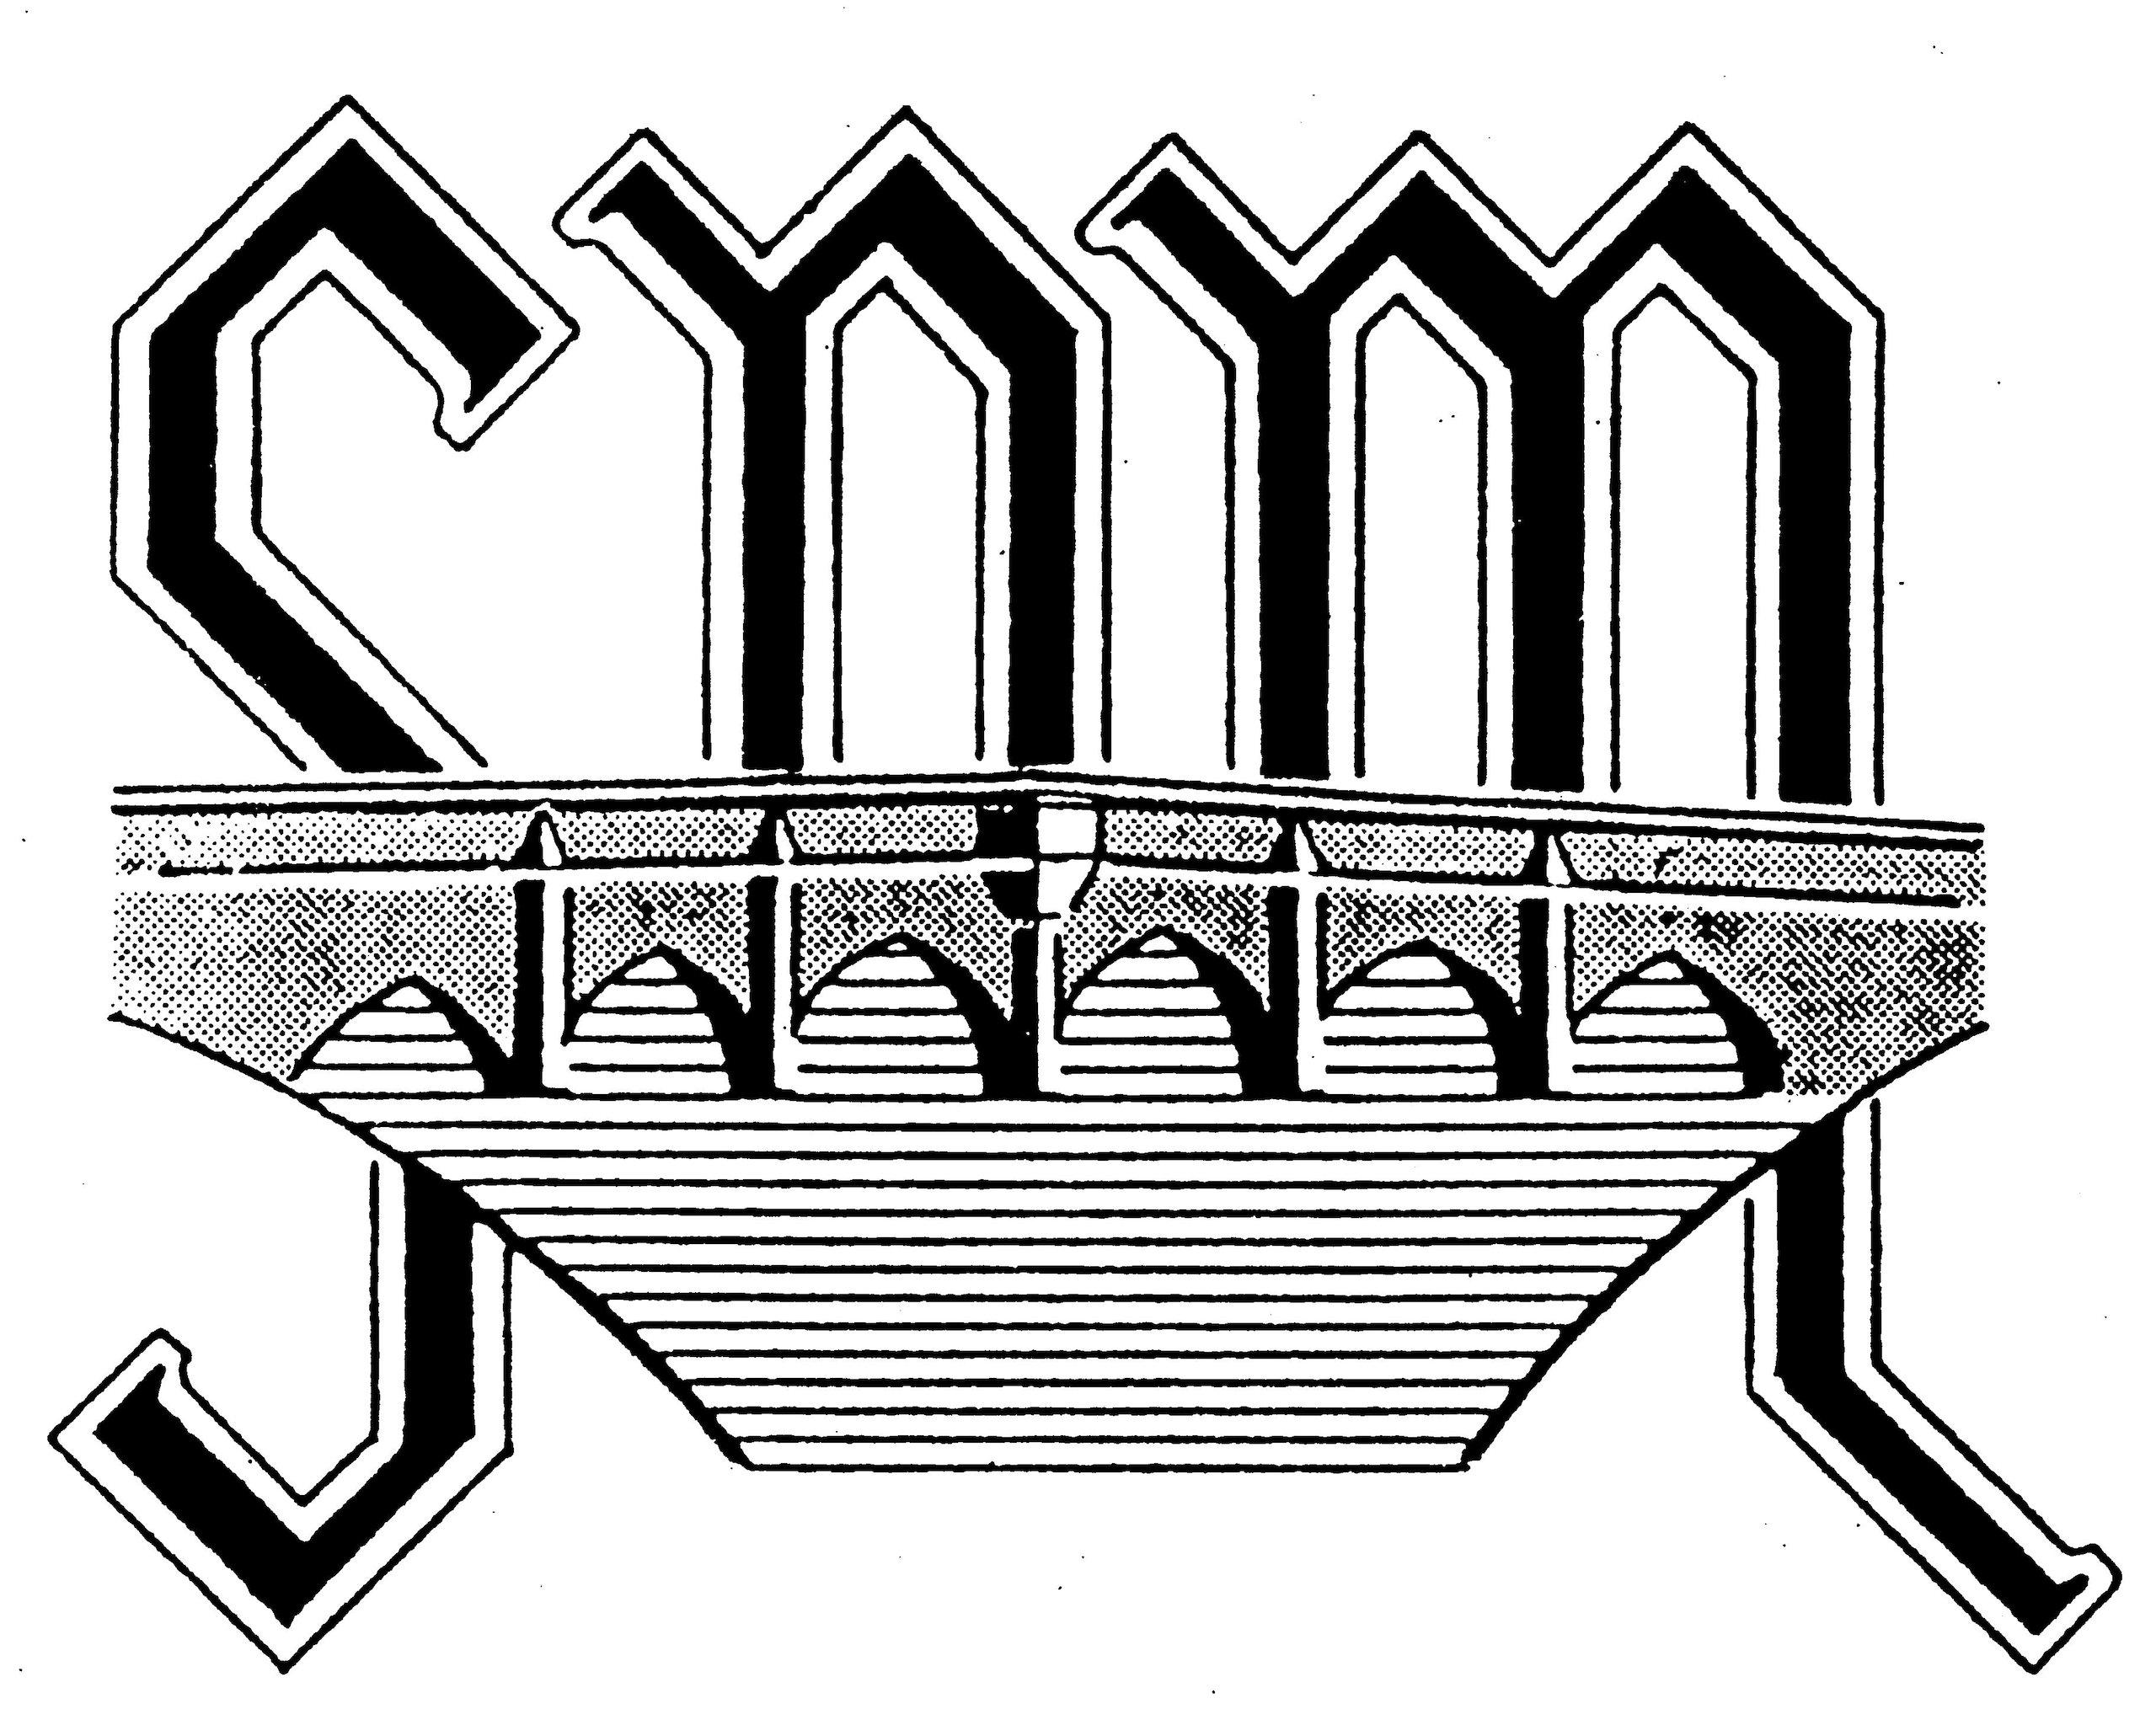 Sturminster Newton-STURMINSTER NEWTON MILL 11